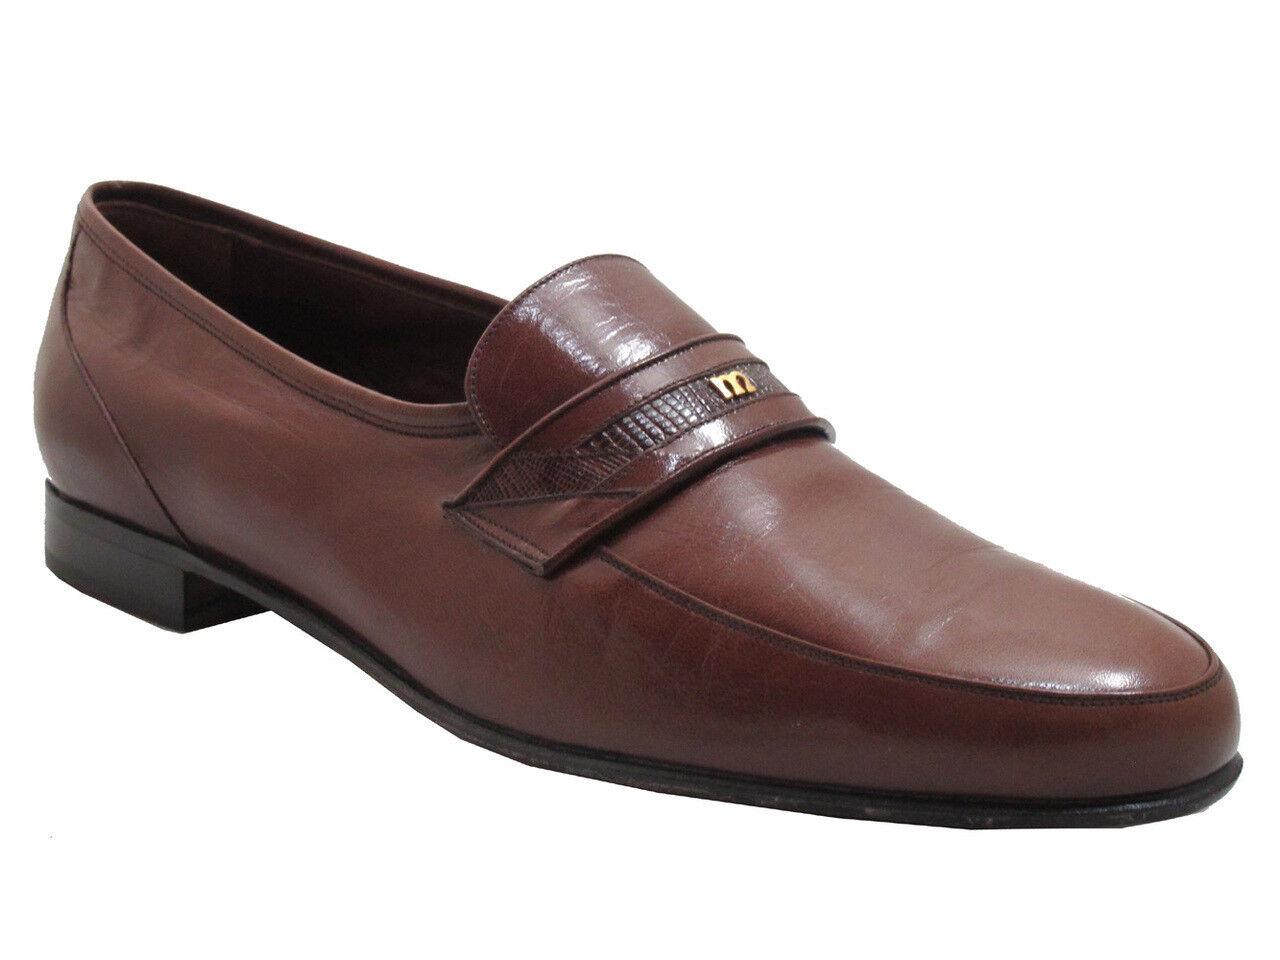 risparmia il 35% - 70% di sconto Via Veneto Uomo 12250 Italian loafers loafers loafers with lizard skin  disegni esclusivi